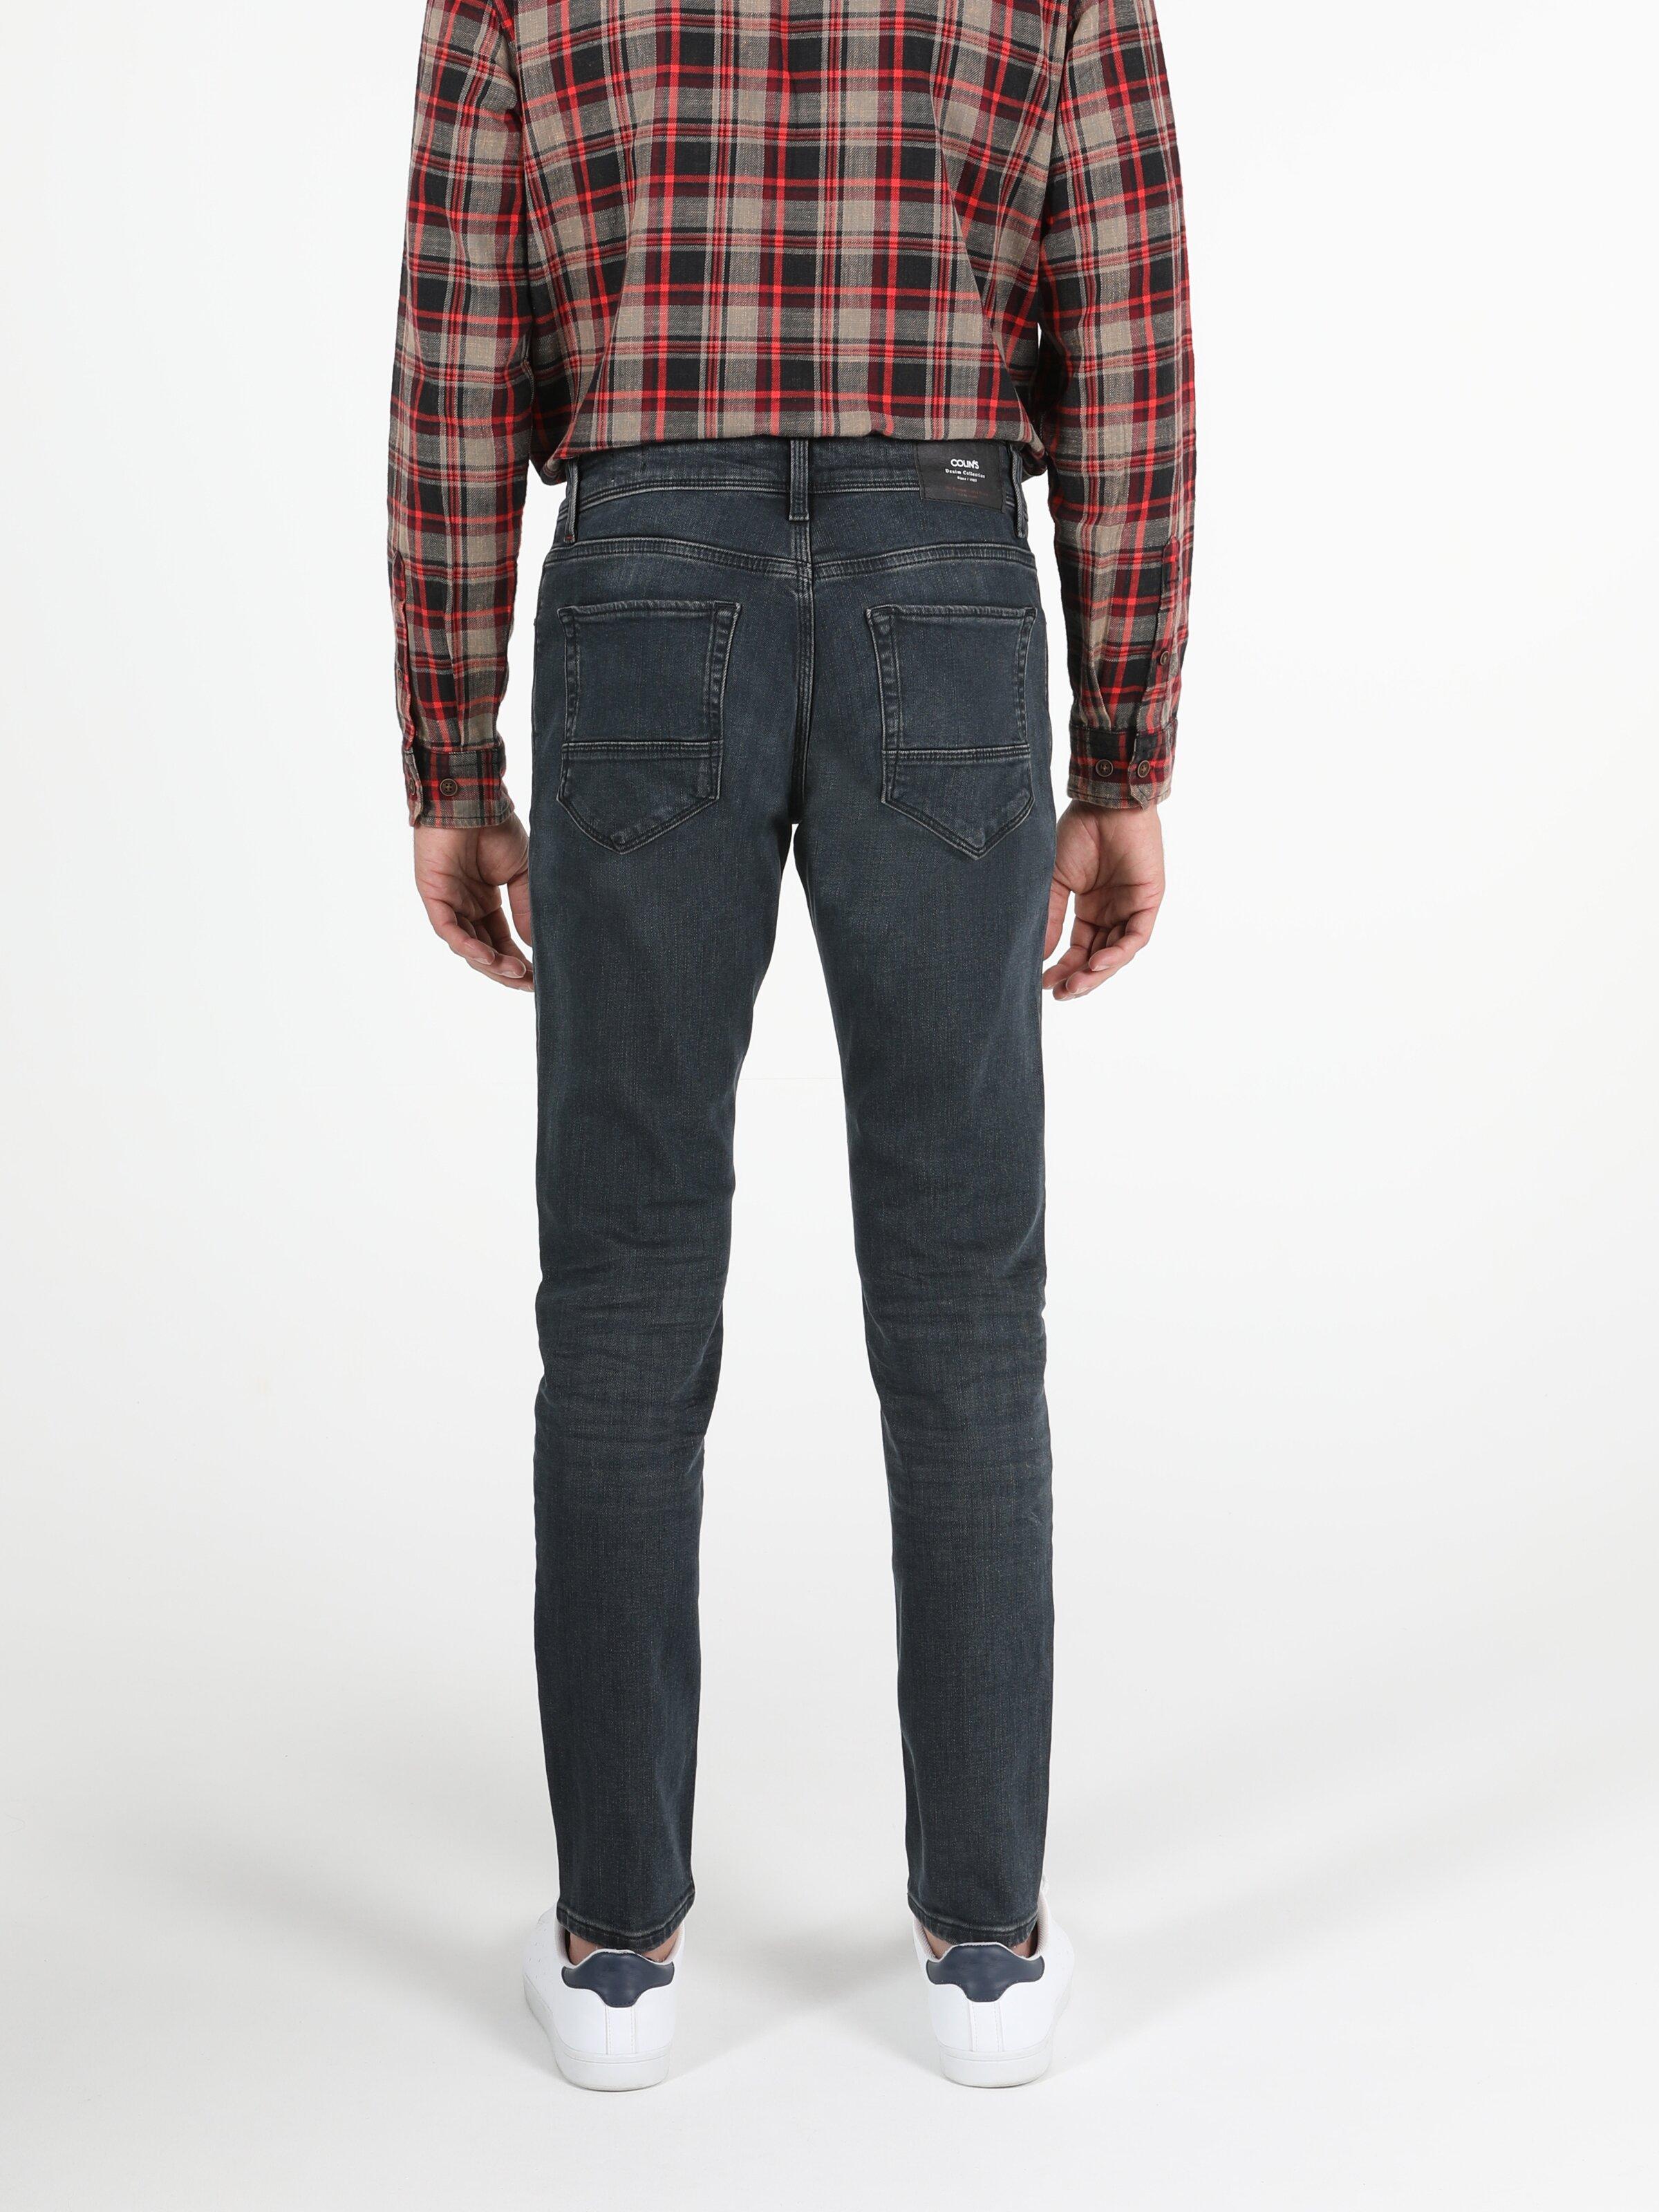 041 Danny Düşük Bel Dar Paça Slim Fit Koyu Mavi Erkek Jean Pantolon